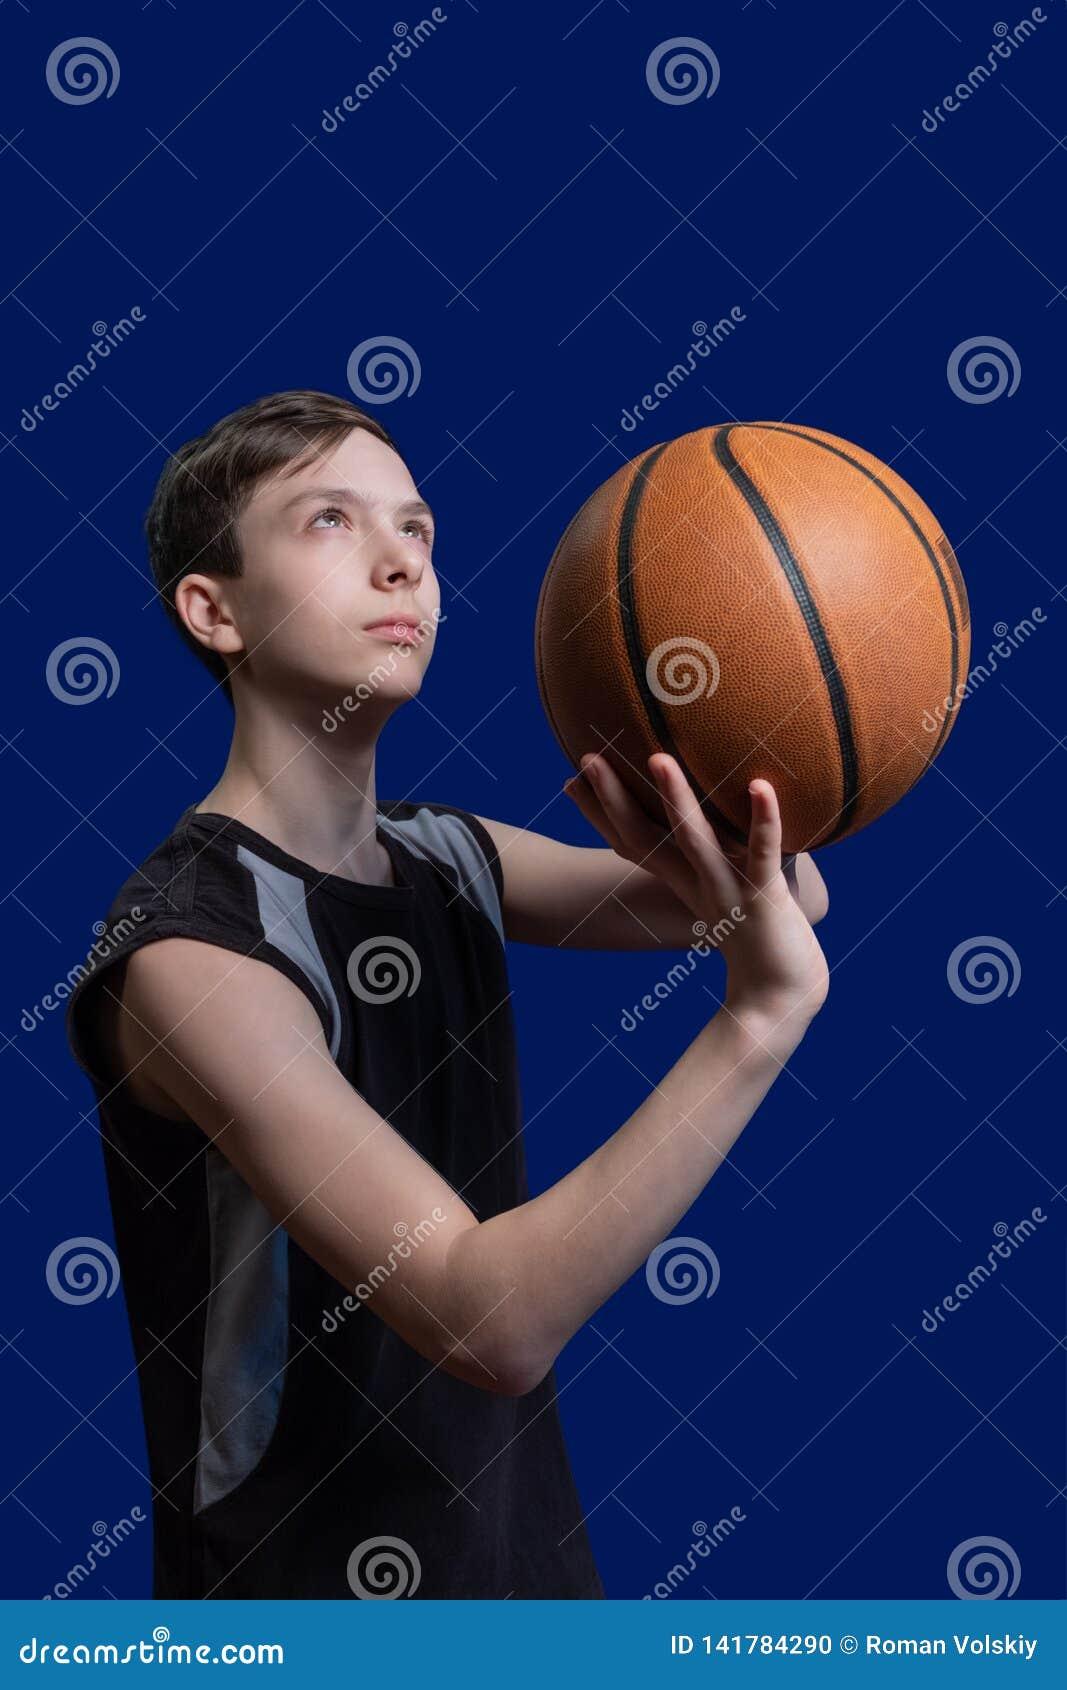 Koszykówka Facet w czarnej koszulce przygotowywa rzucać piłkę niebieska tła zawodnik koszykówki nastolatków